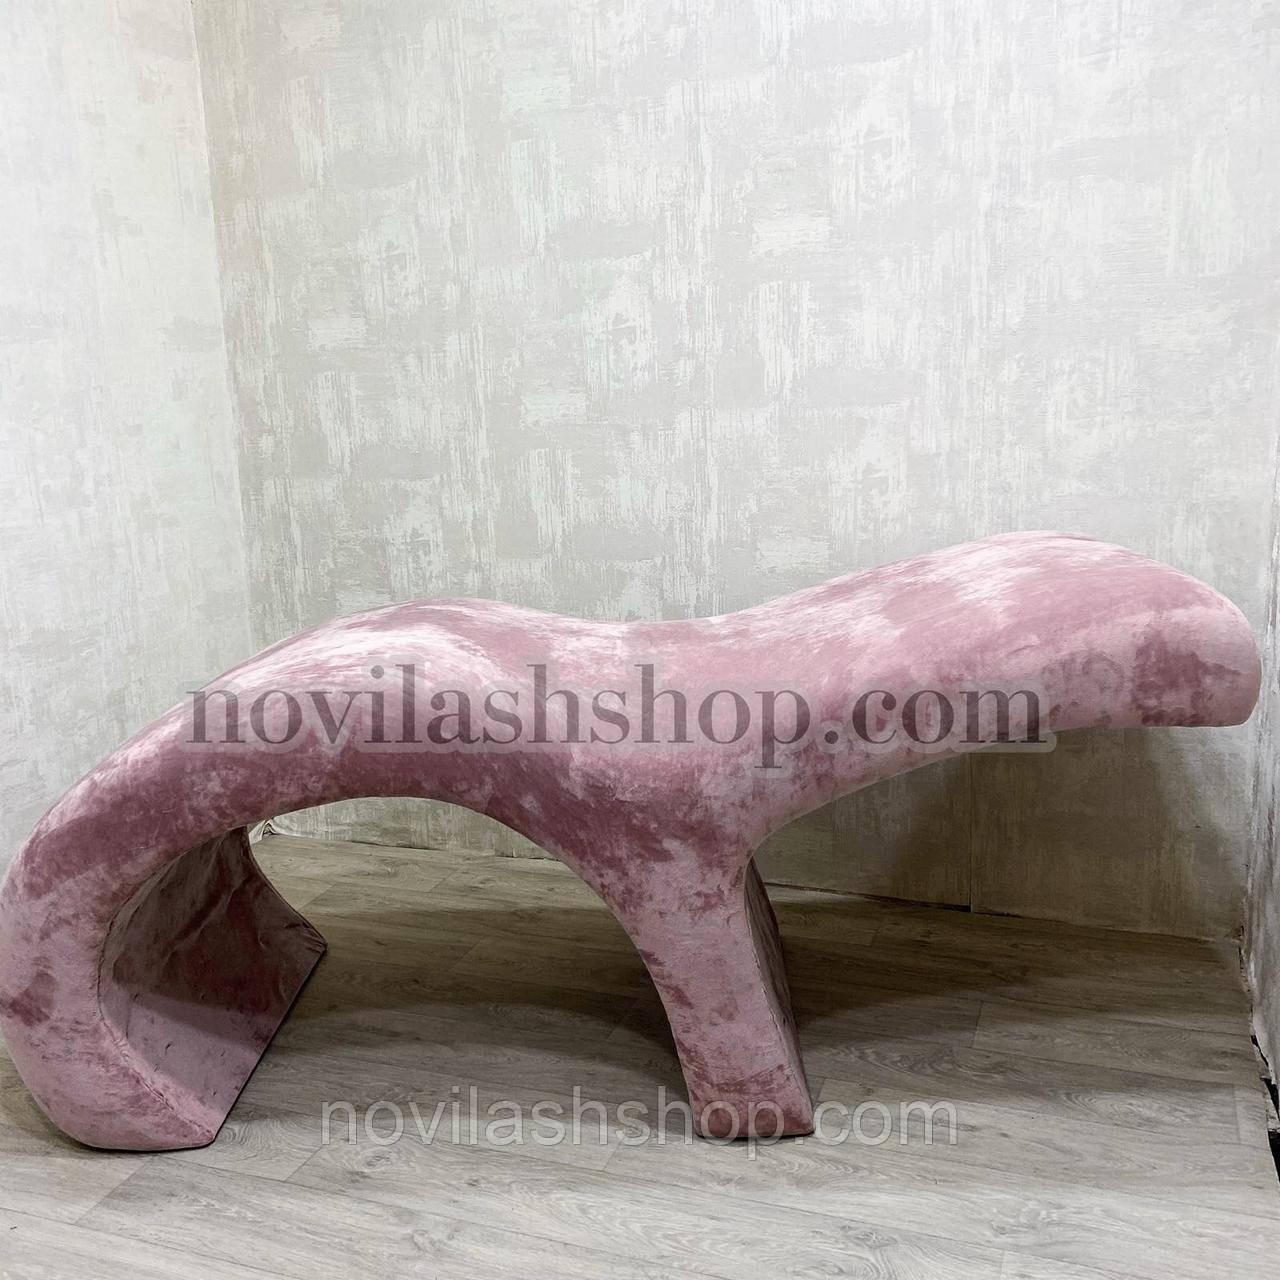 Анатомическая кушетка Simply с полкой для лампы, для наращивания ресниц (велюр розовая пудра)